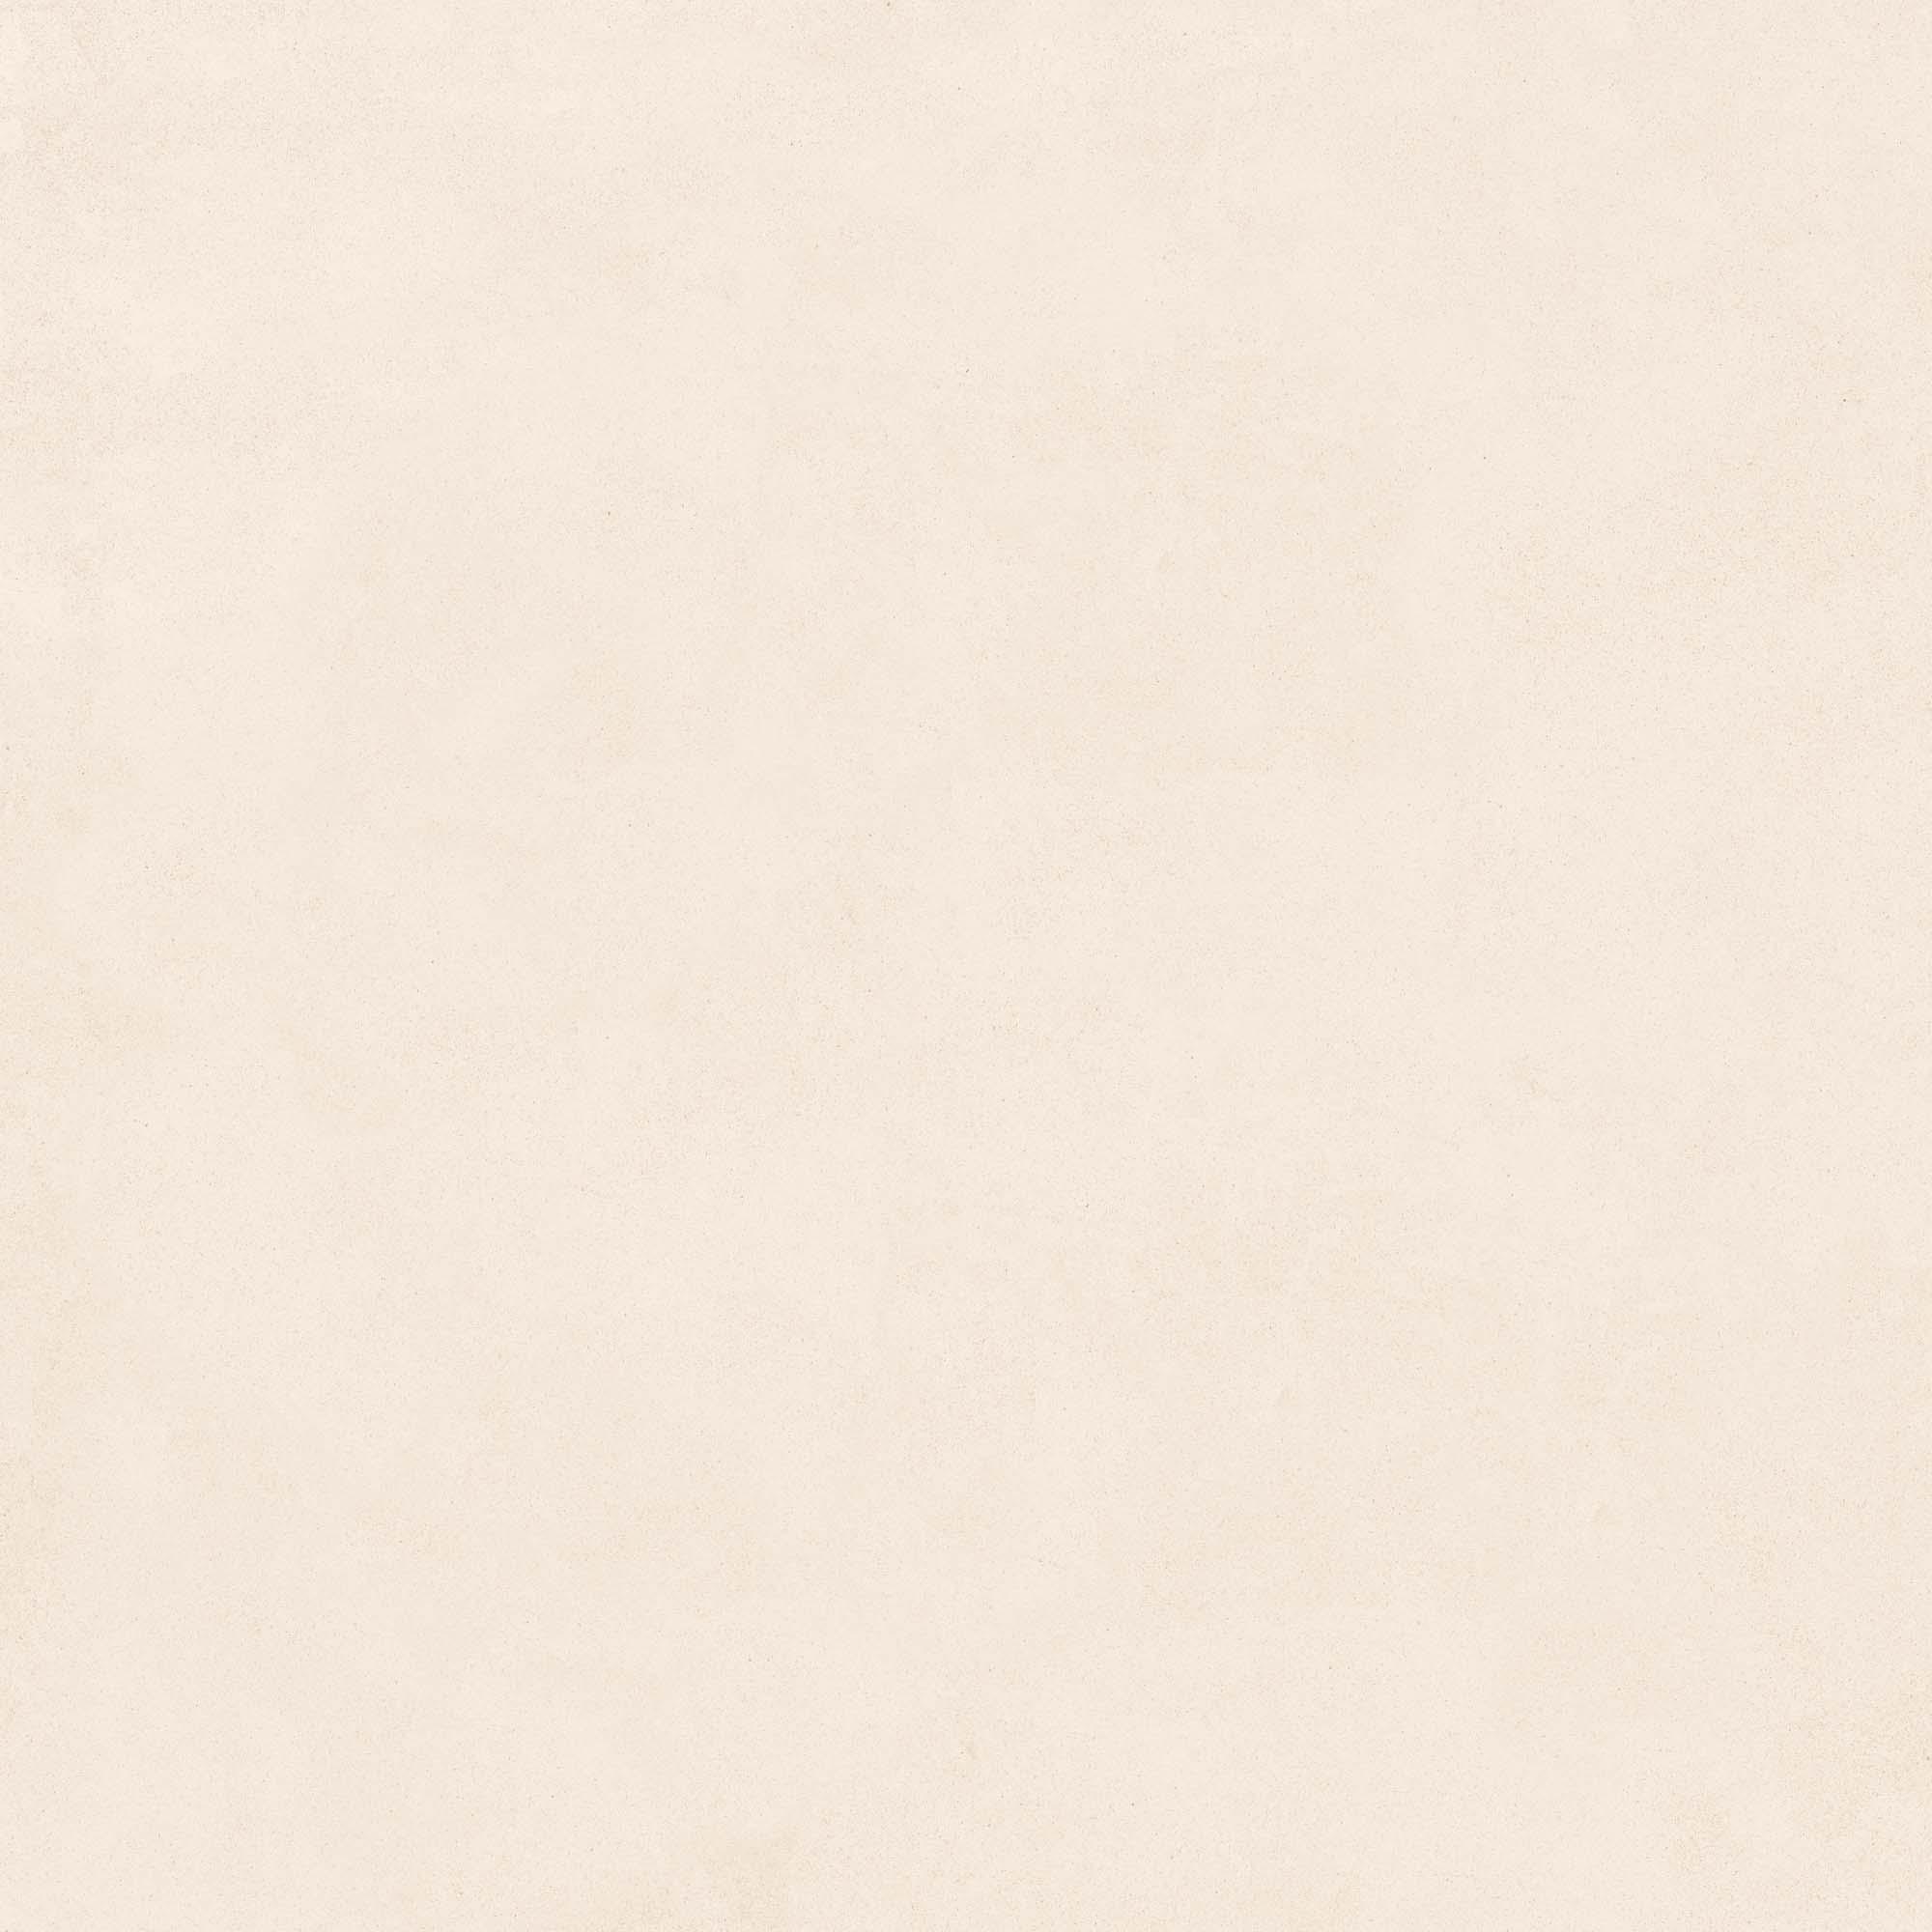 Porcelanato Embramaco Magestic White 62,5x62,5 cm 62201 Acetinado